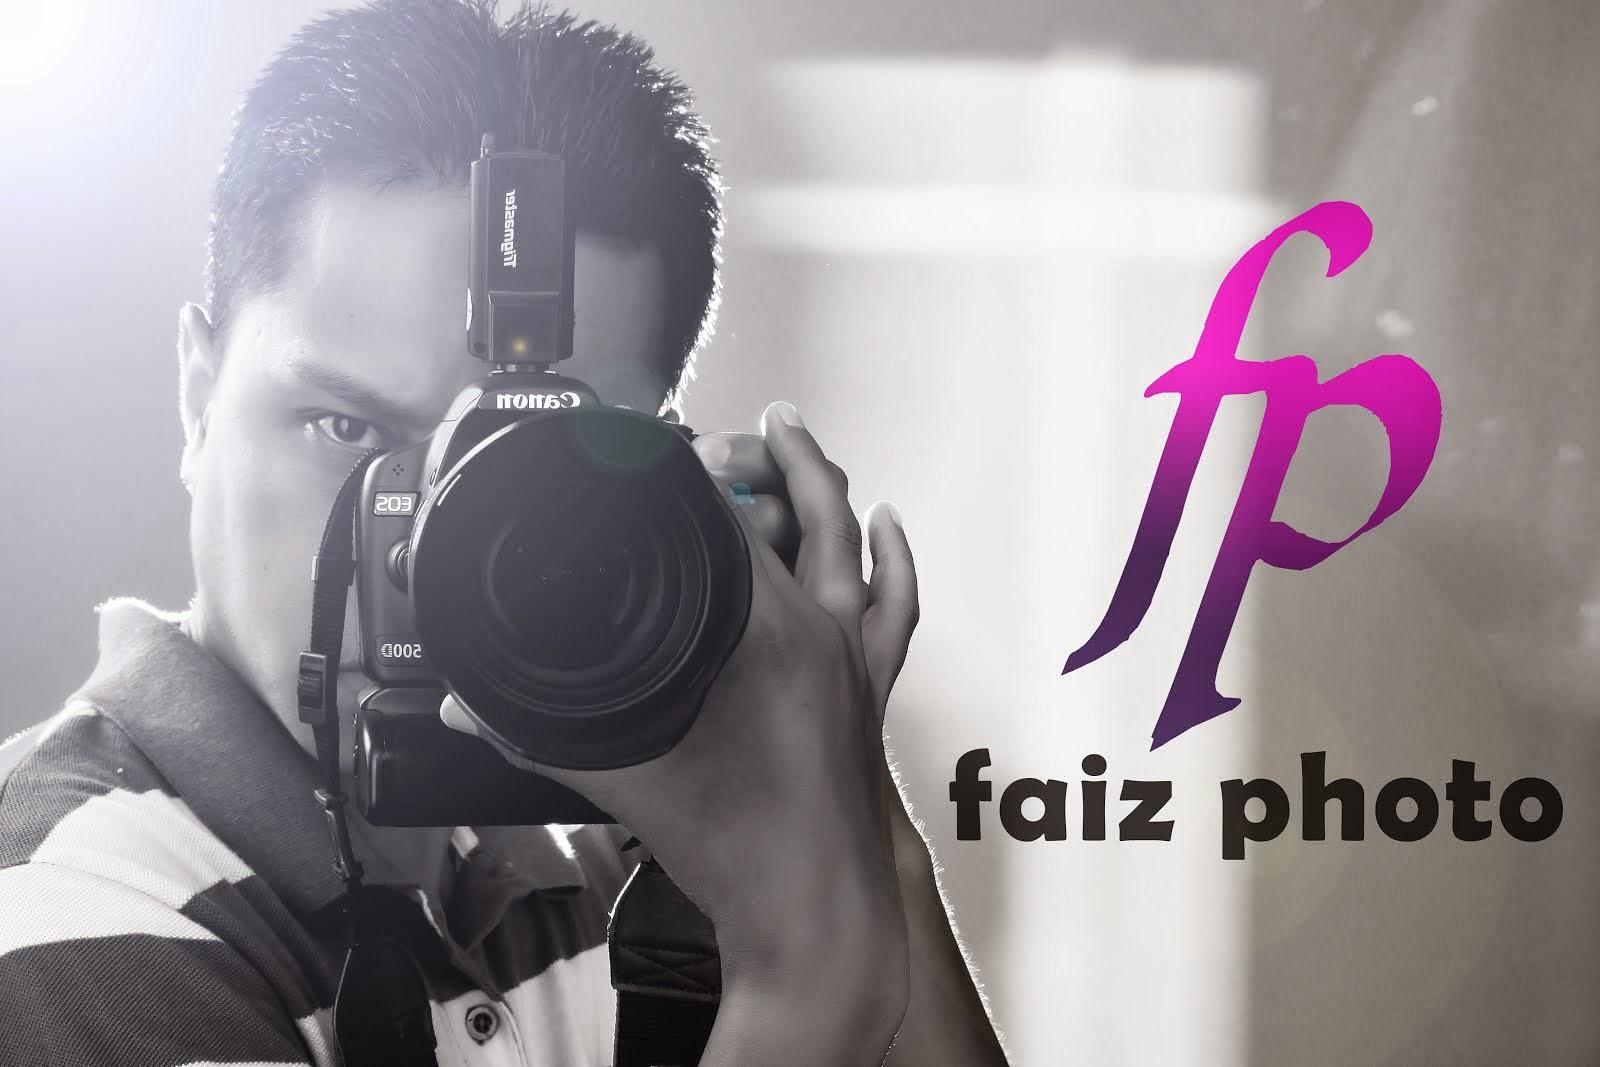 Faiz@Cameraman